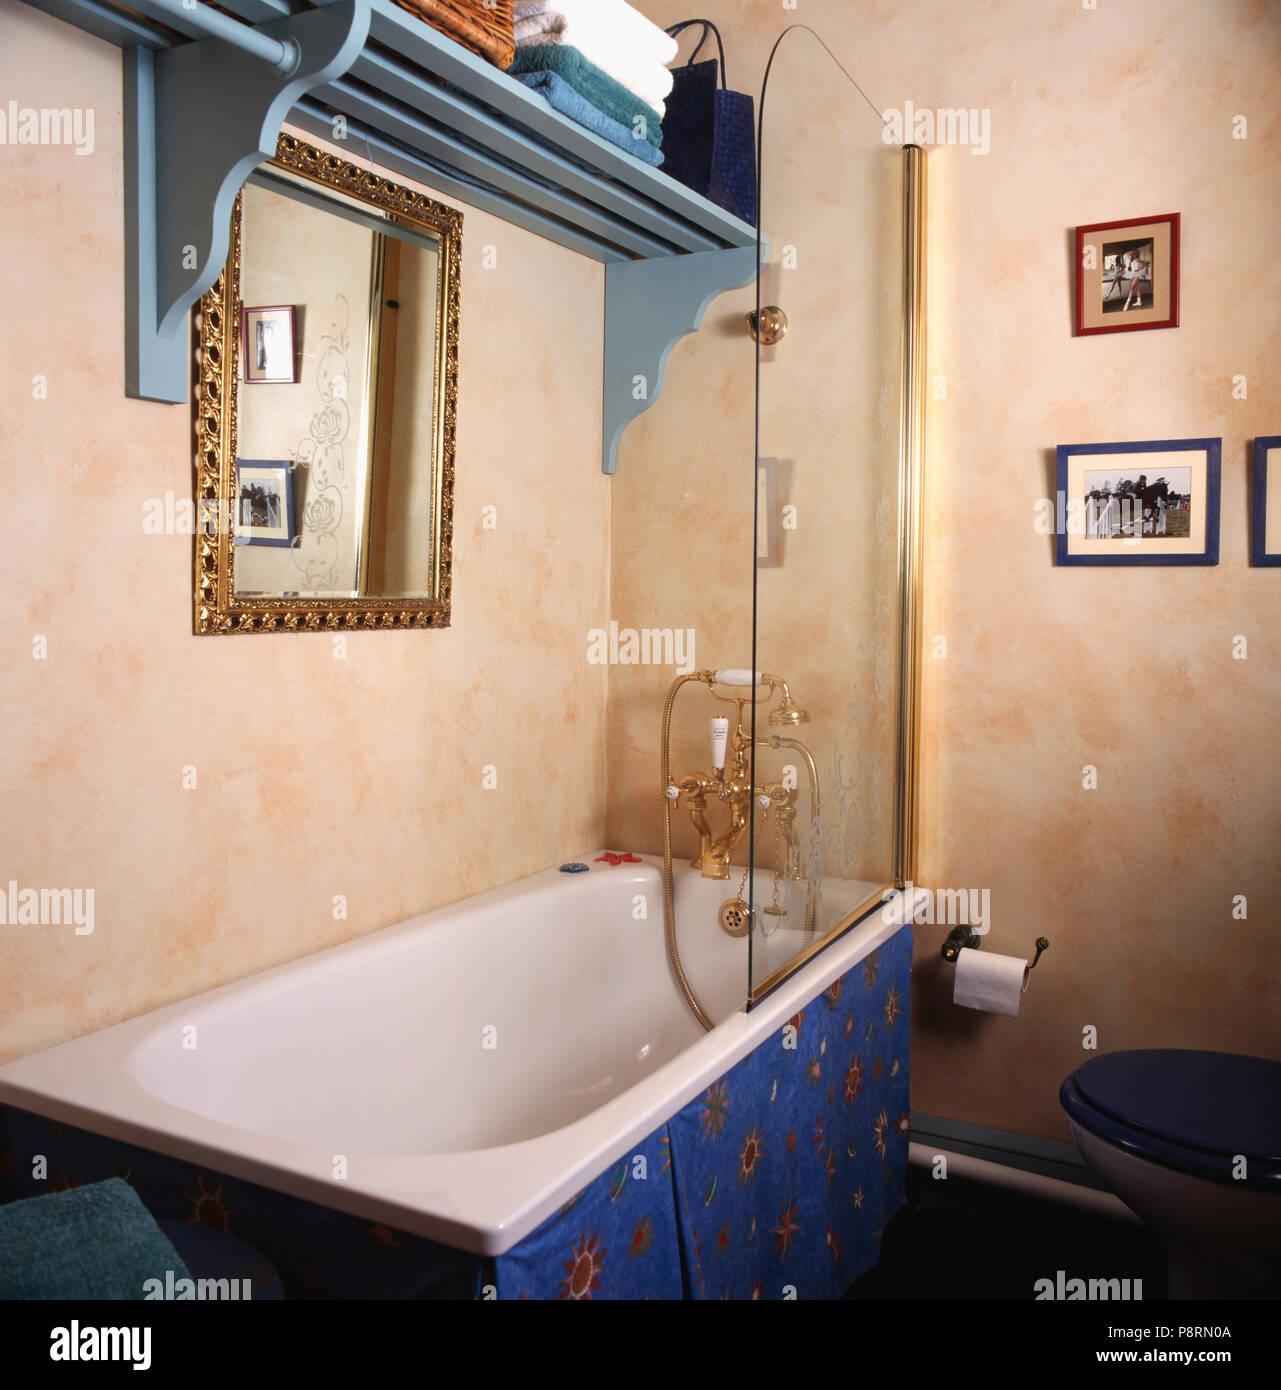 Blau Holz Regal Uber Badewanne Mit Dusche Aus Glas Im Badezimmer Mit Spongeing Effekt Wande Stockfotografie Alamy